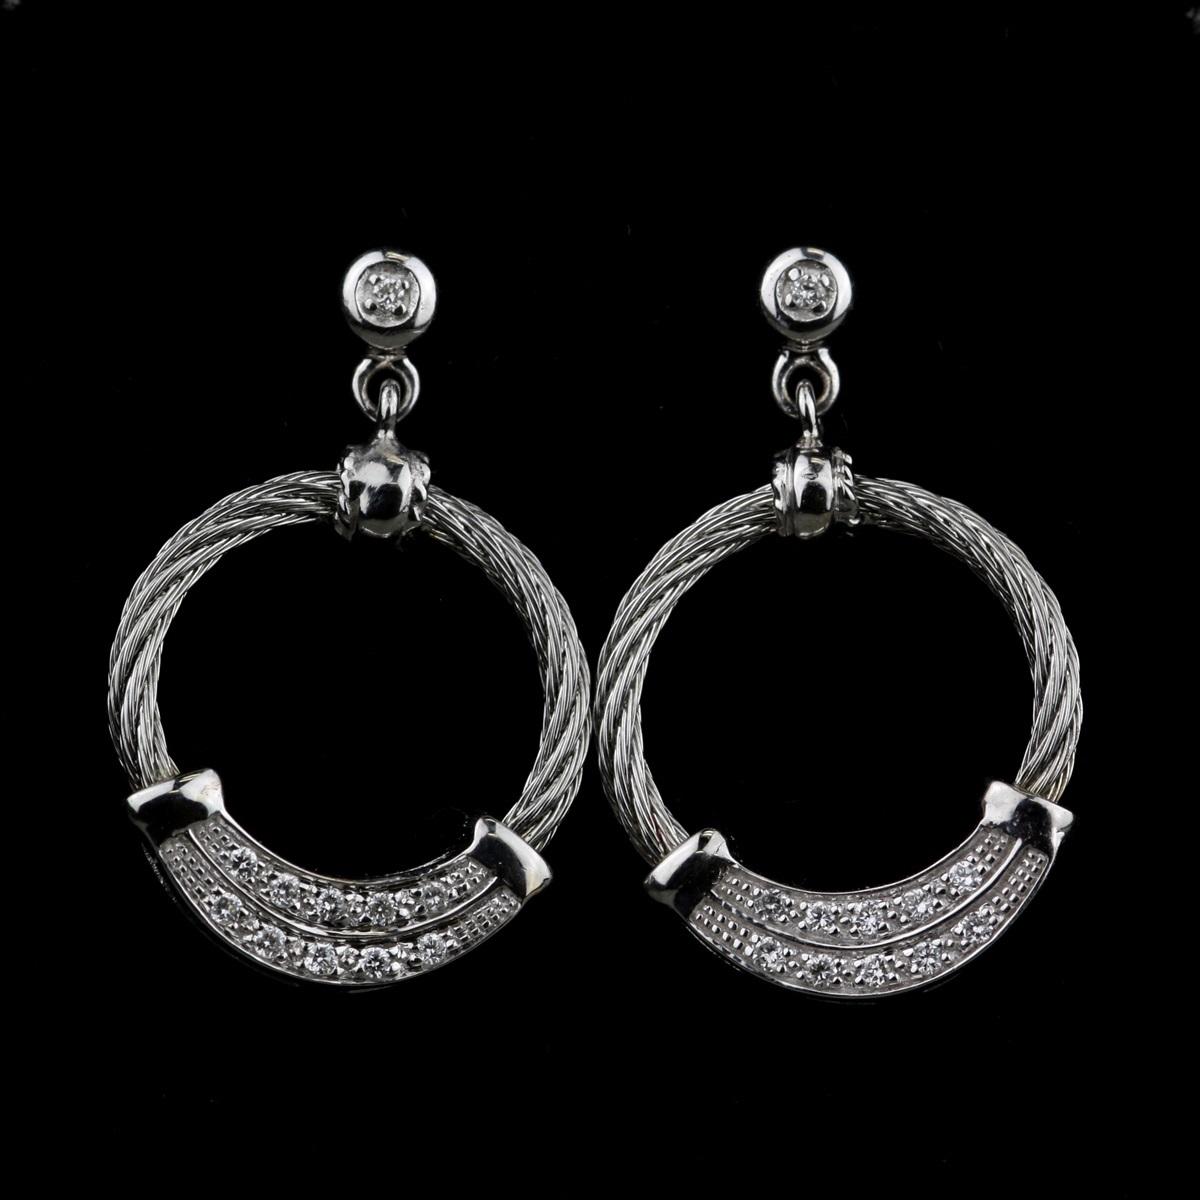 Pre-Owned Charriol 18 Karat White Gold, Diamond Earrings